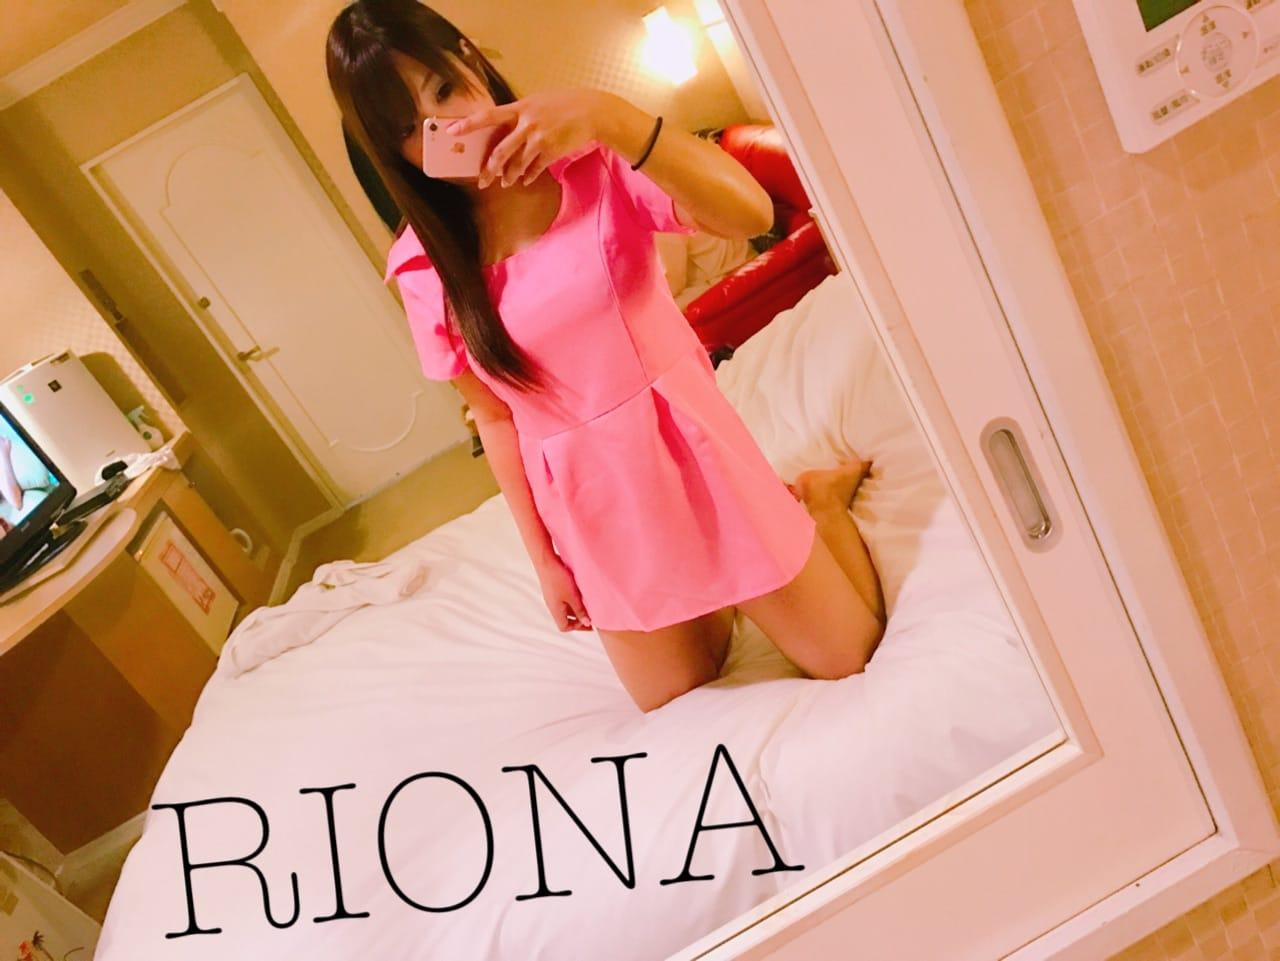 「御礼♡*.+゜」03/17(03/17) 21:25 | リオナの写メ・風俗動画